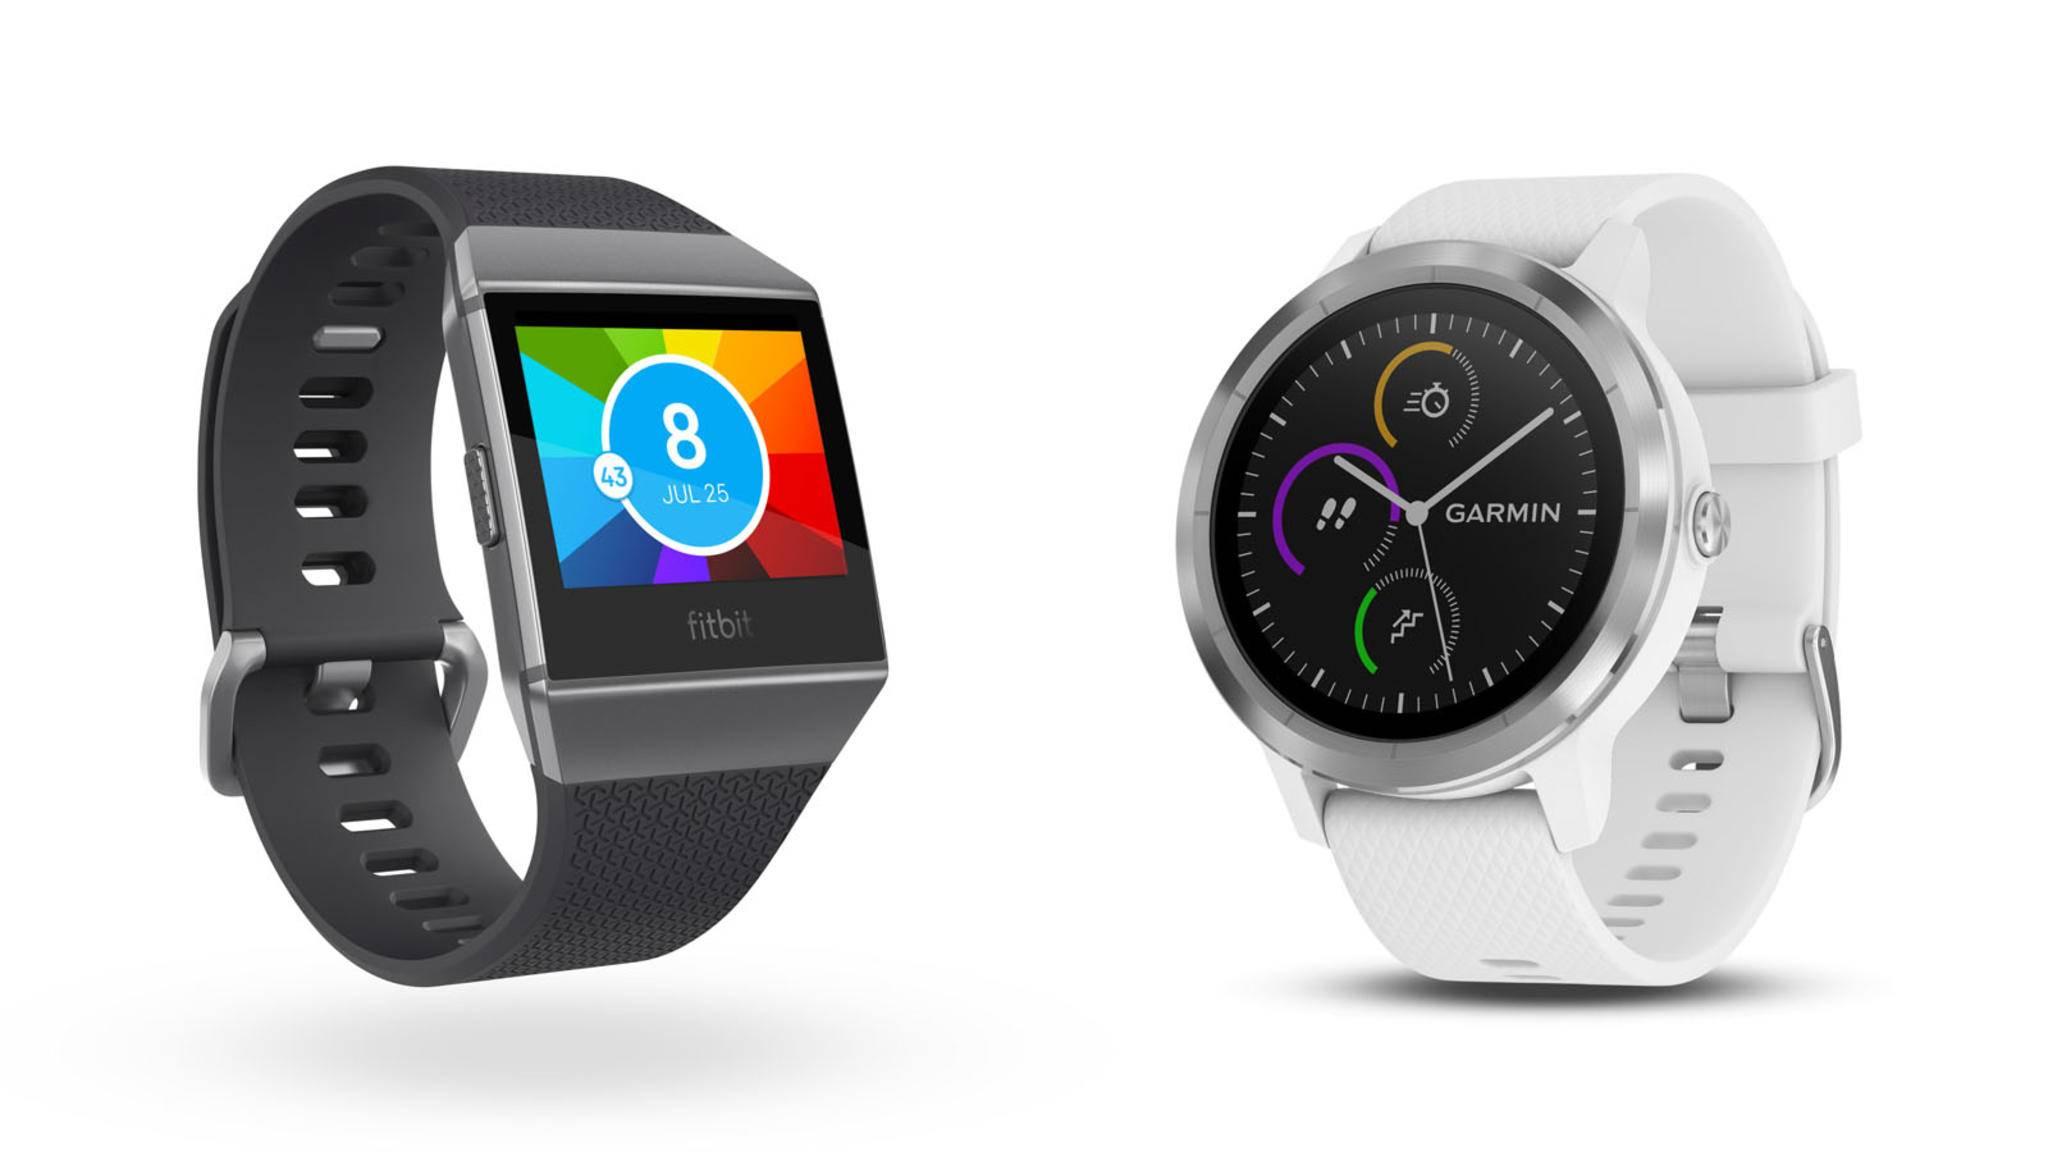 Wer die Fitbit Ionic mit der Garmin Vivoactive 3 vergleicht, stellt fest: Beide Fitness-Smartwatches unterscheidet mehr, als nur das Design.